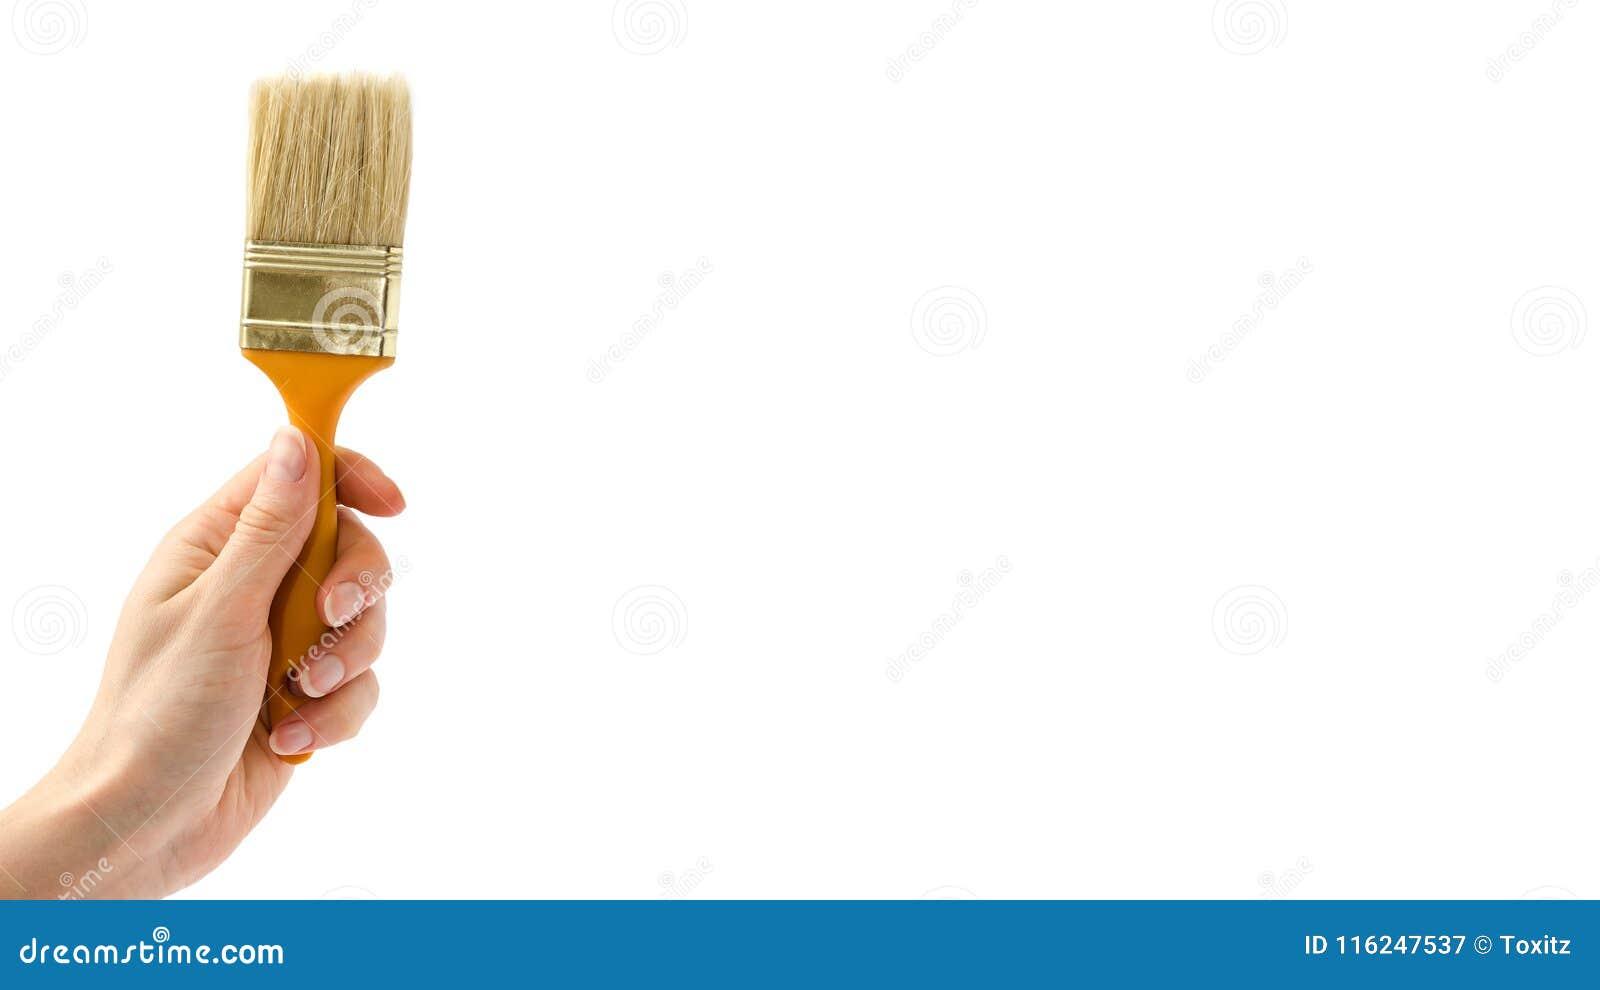 female hand holding paintbrush isolated on white background copy